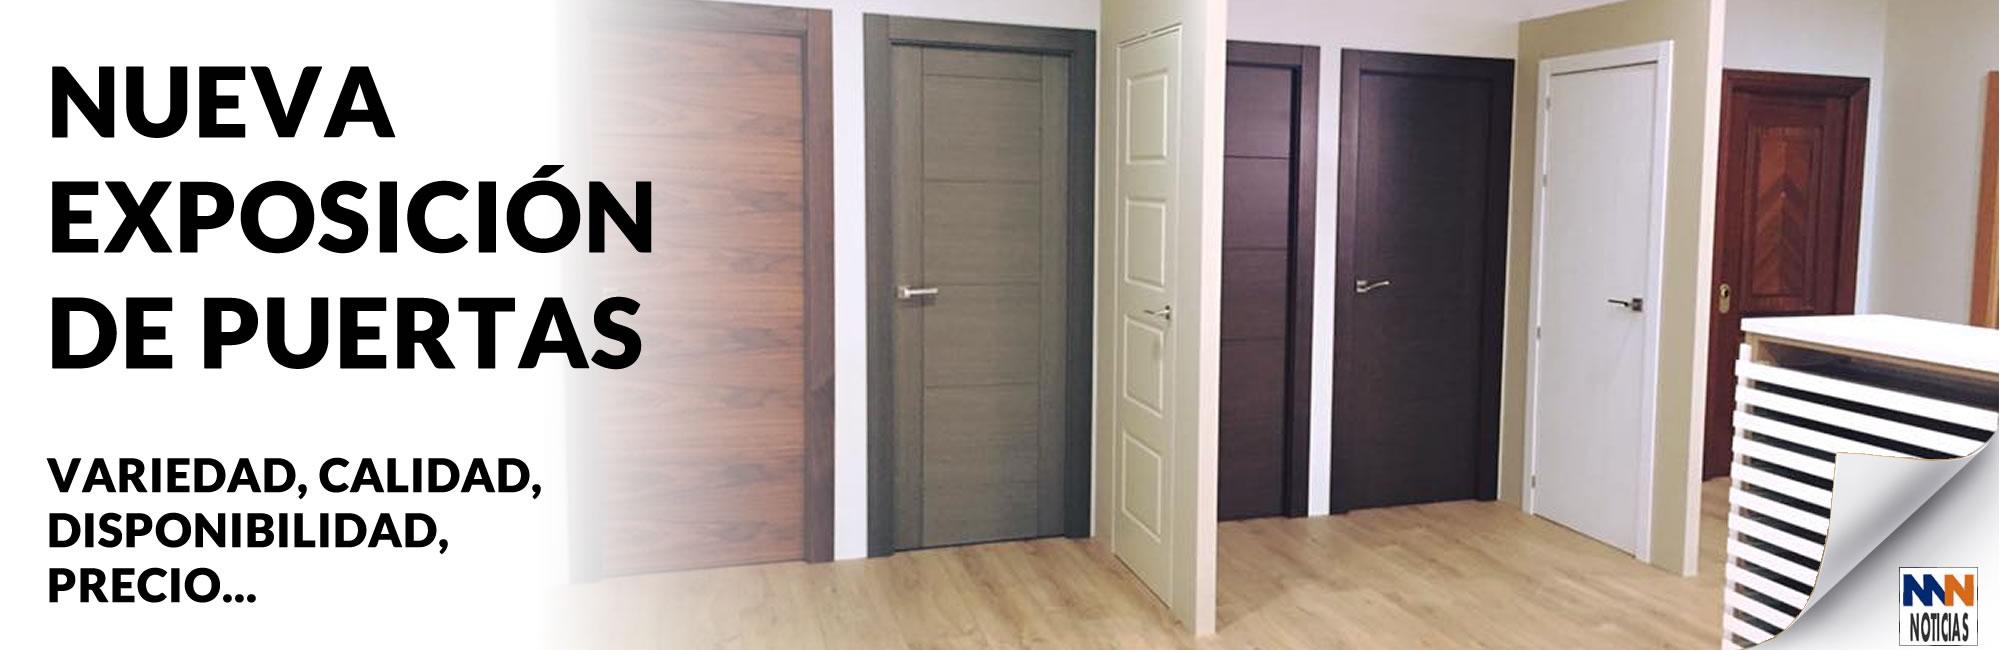 Nueva exposición de puertas en Maderas Medina y Navarro